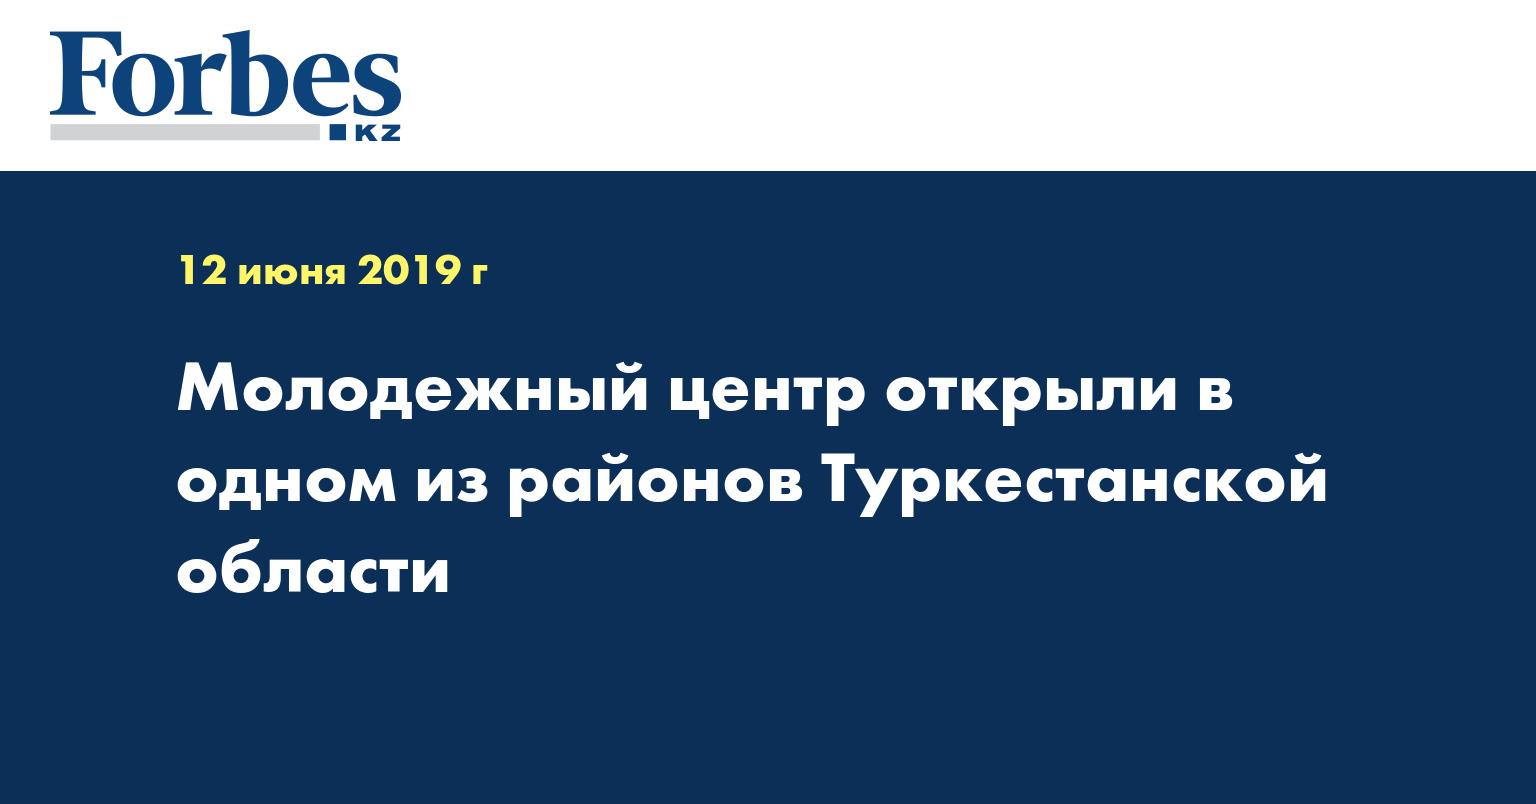 Молодежный центр открыли в одном из районов Туркестанской области